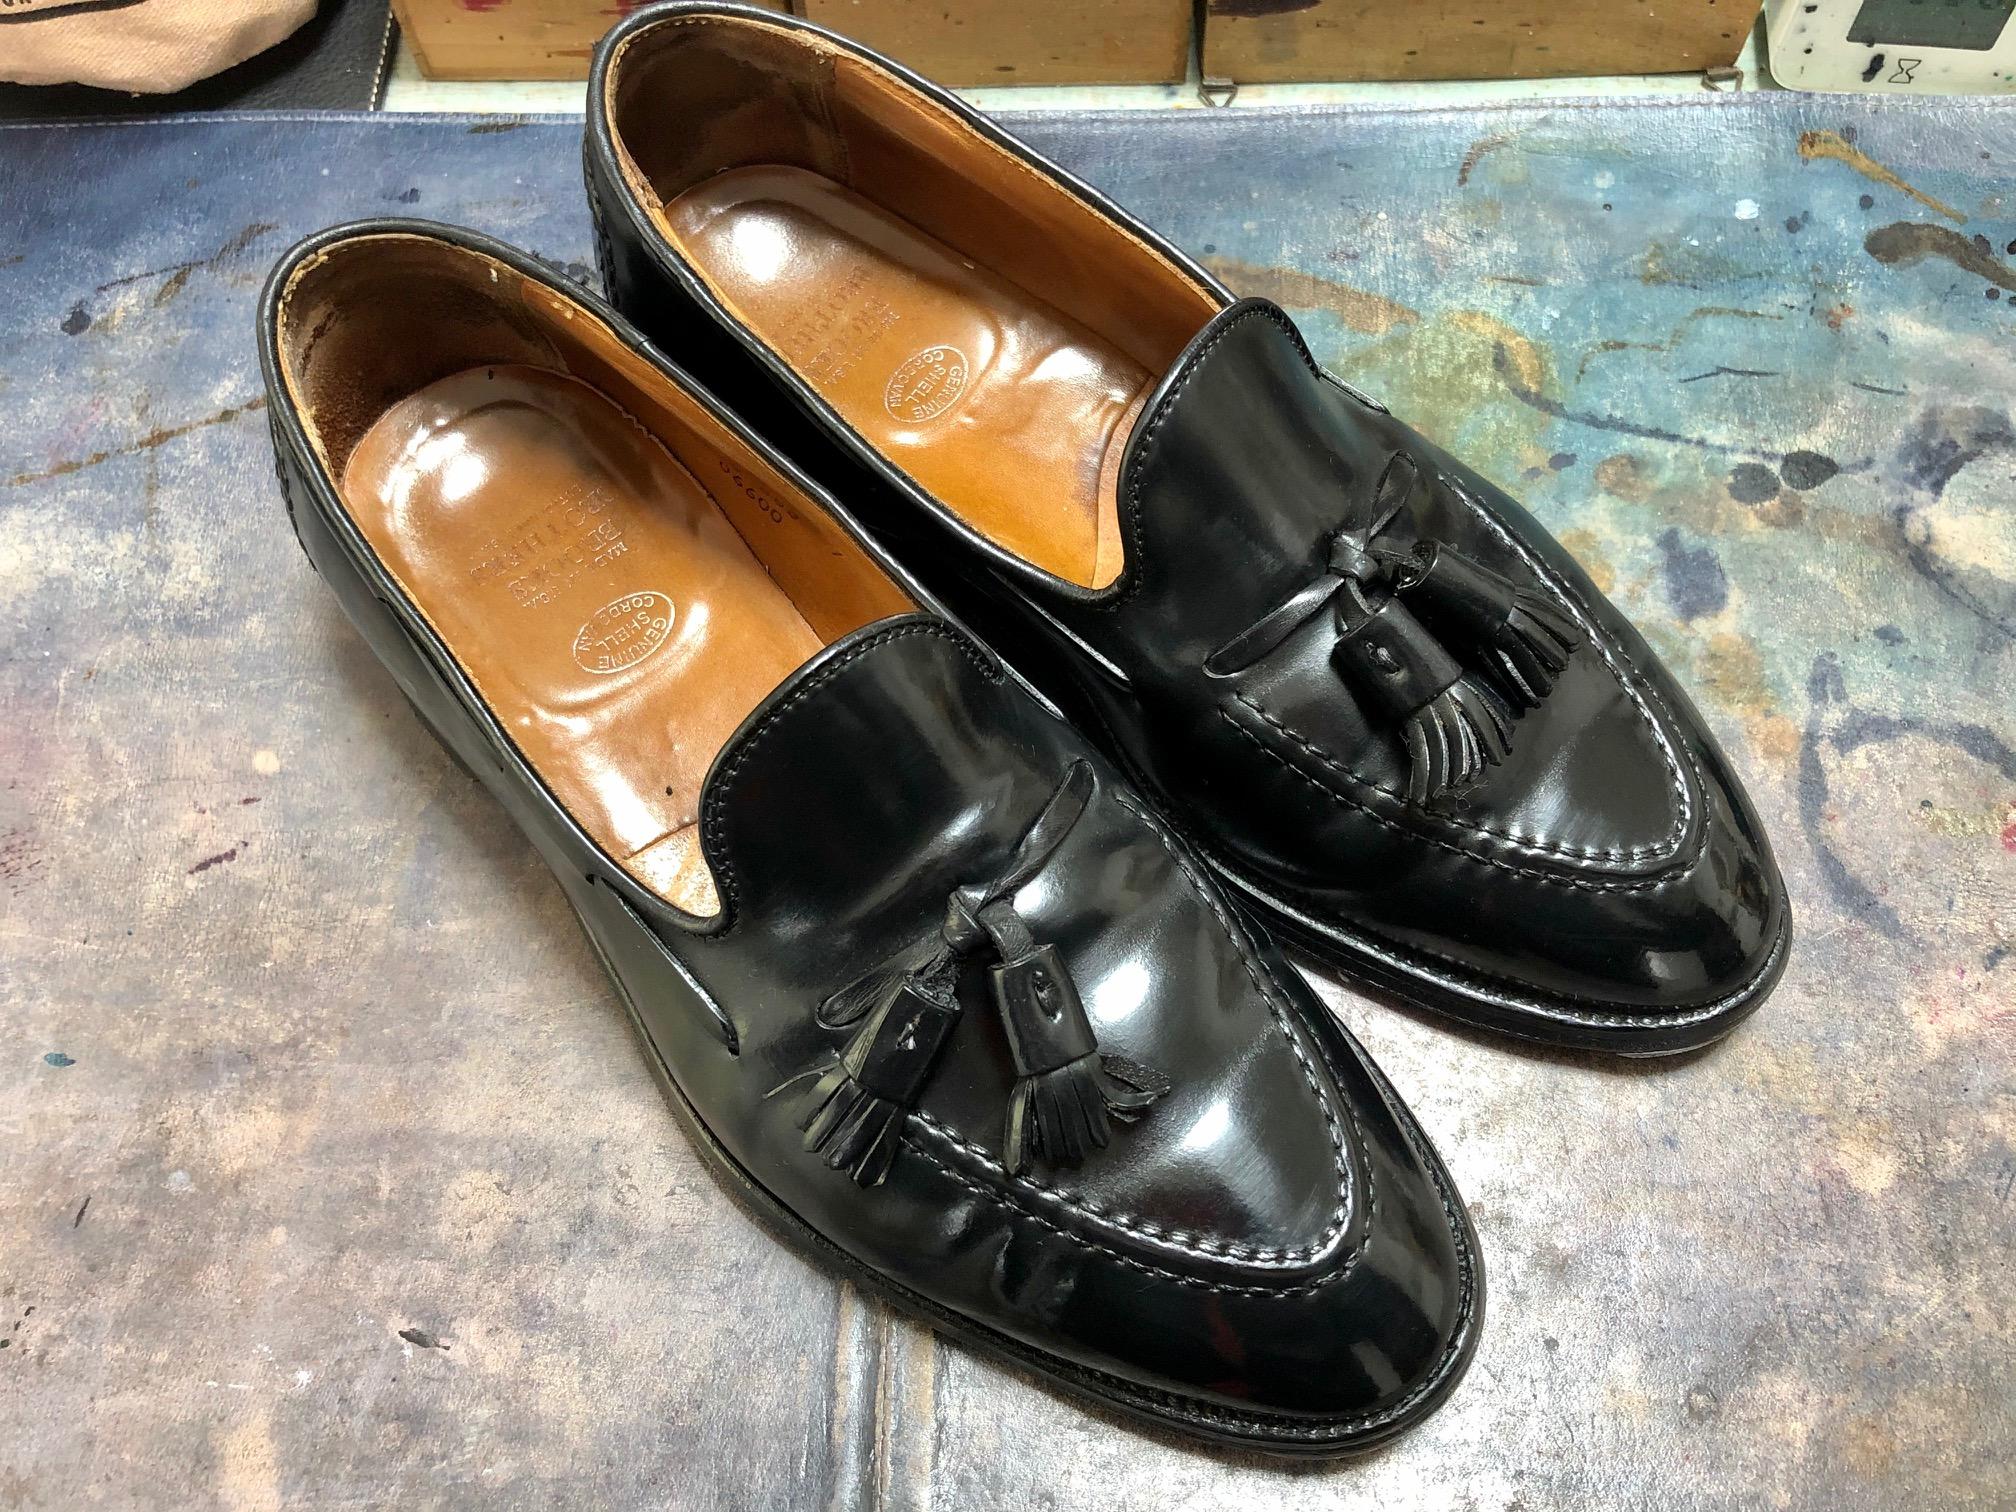 シェルコードバン お手入れ 靴磨き ブルックスブラザーズ